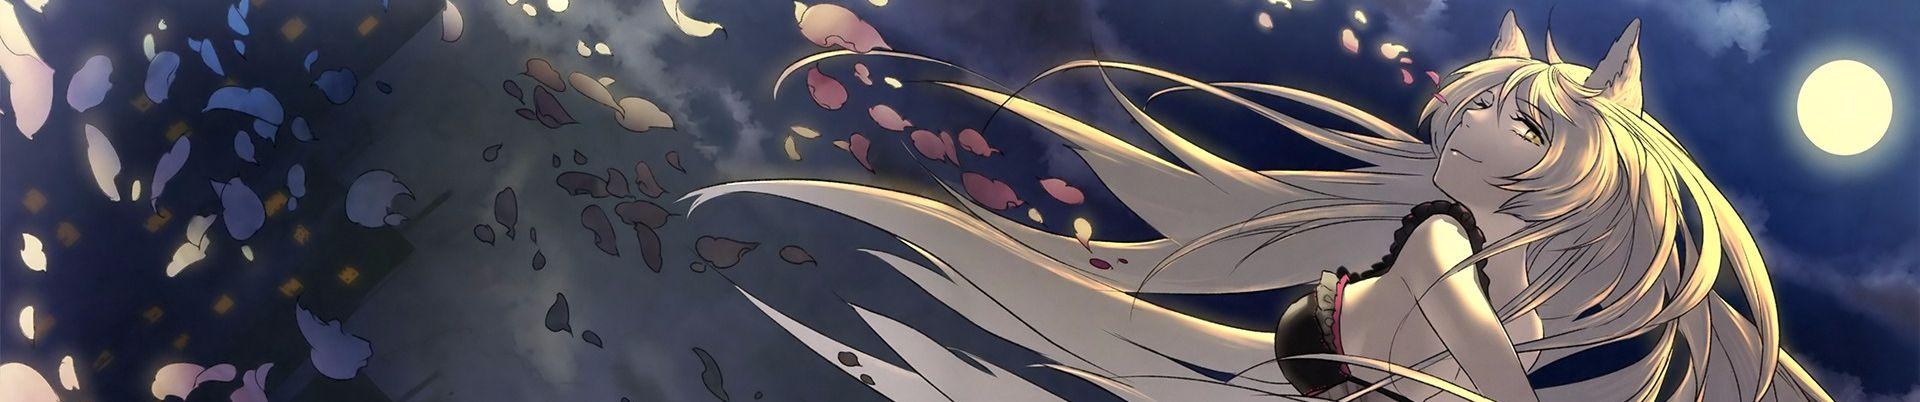 岩崎琢 —SANTA— - Time to attack [ヨルムンガンド a k a